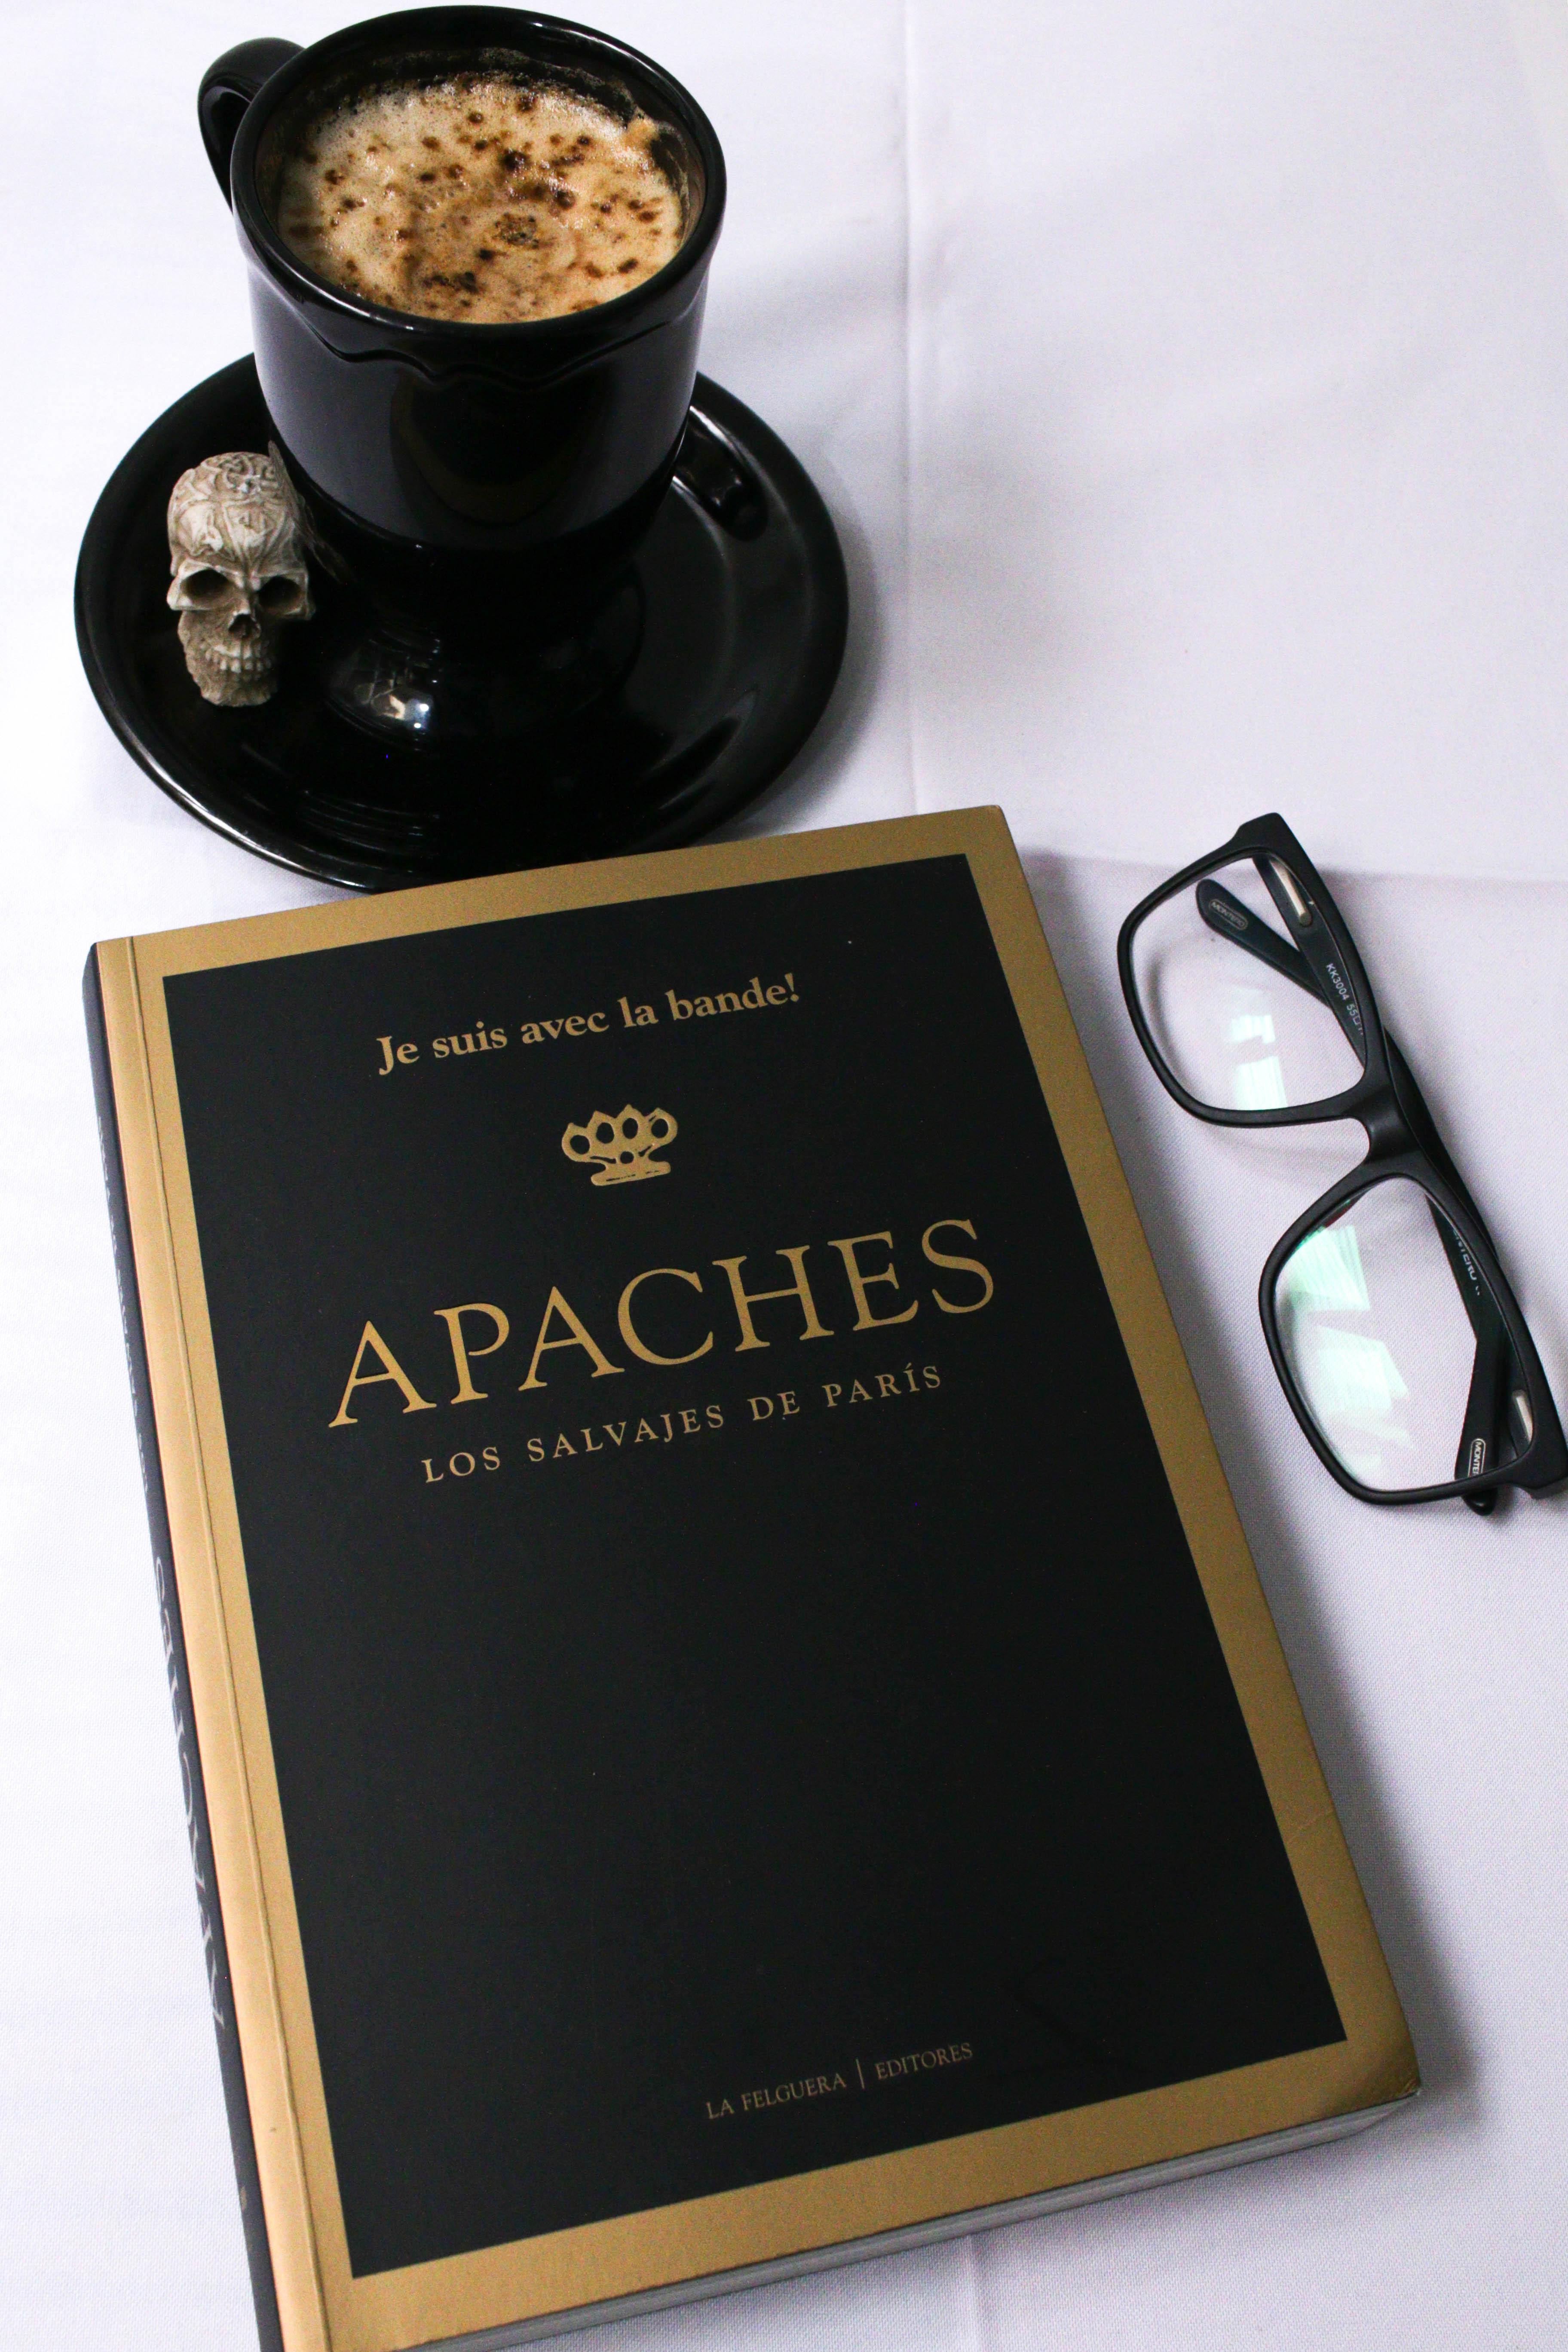 Apaches, Los salvajes de París de AA.VV